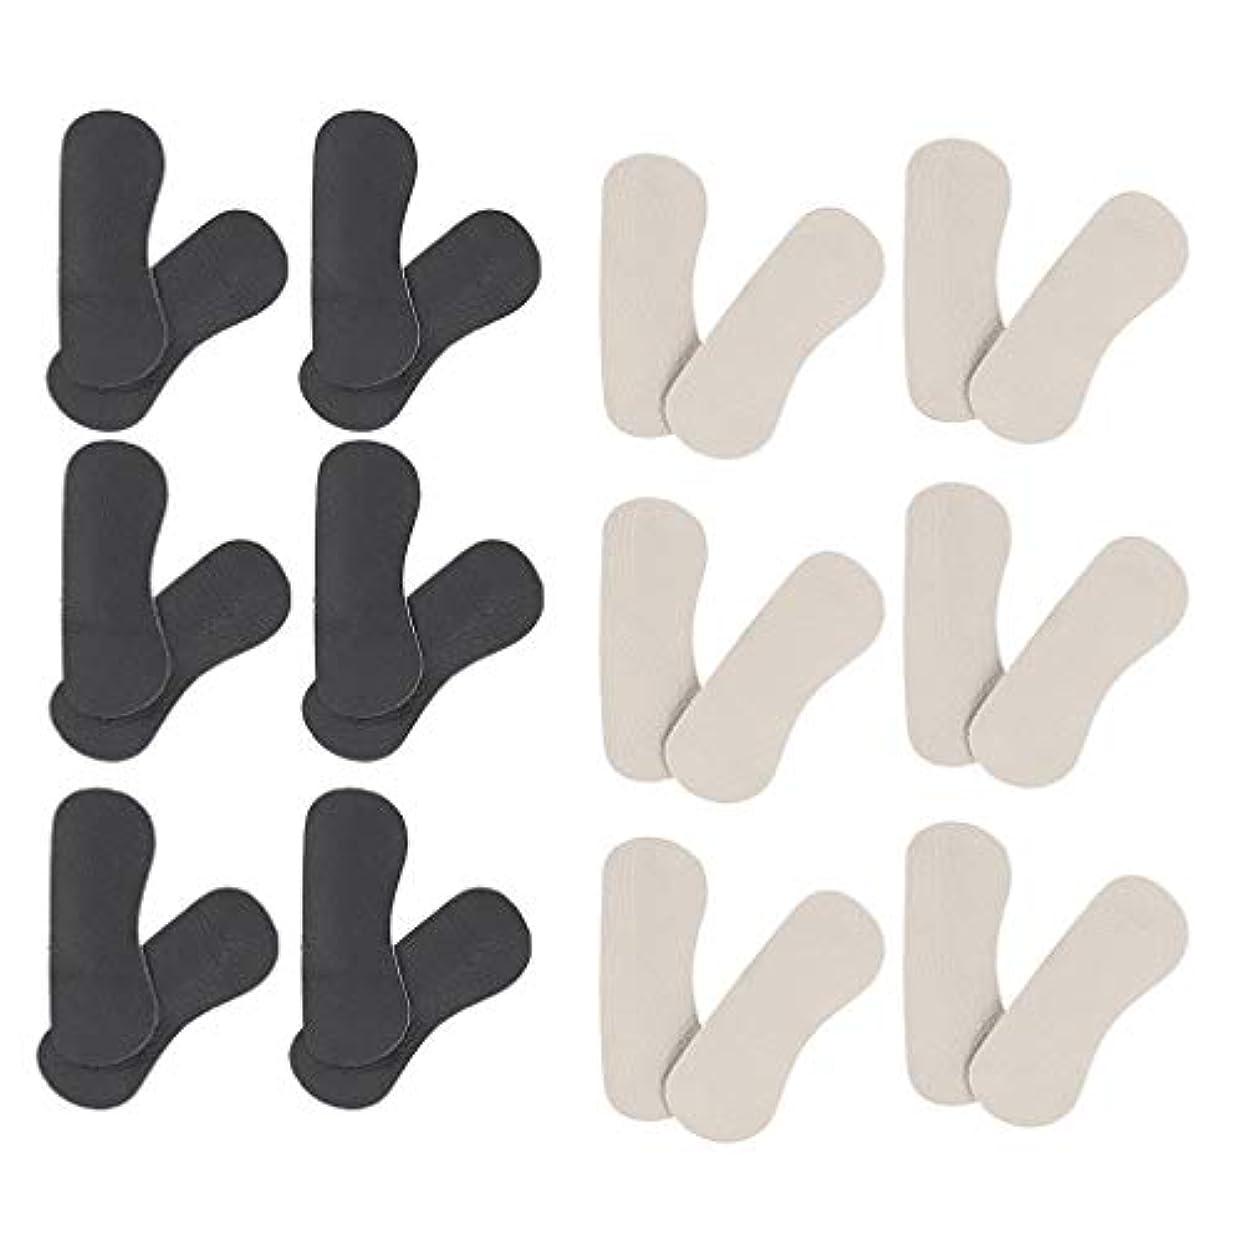 馬鹿小麦必要P Prettyia 靴擦れ防止 かかと パッドクッション パカパカ防止 ヒールパッド 踵 保護 ハイヒール 革靴 スニーカーに対応